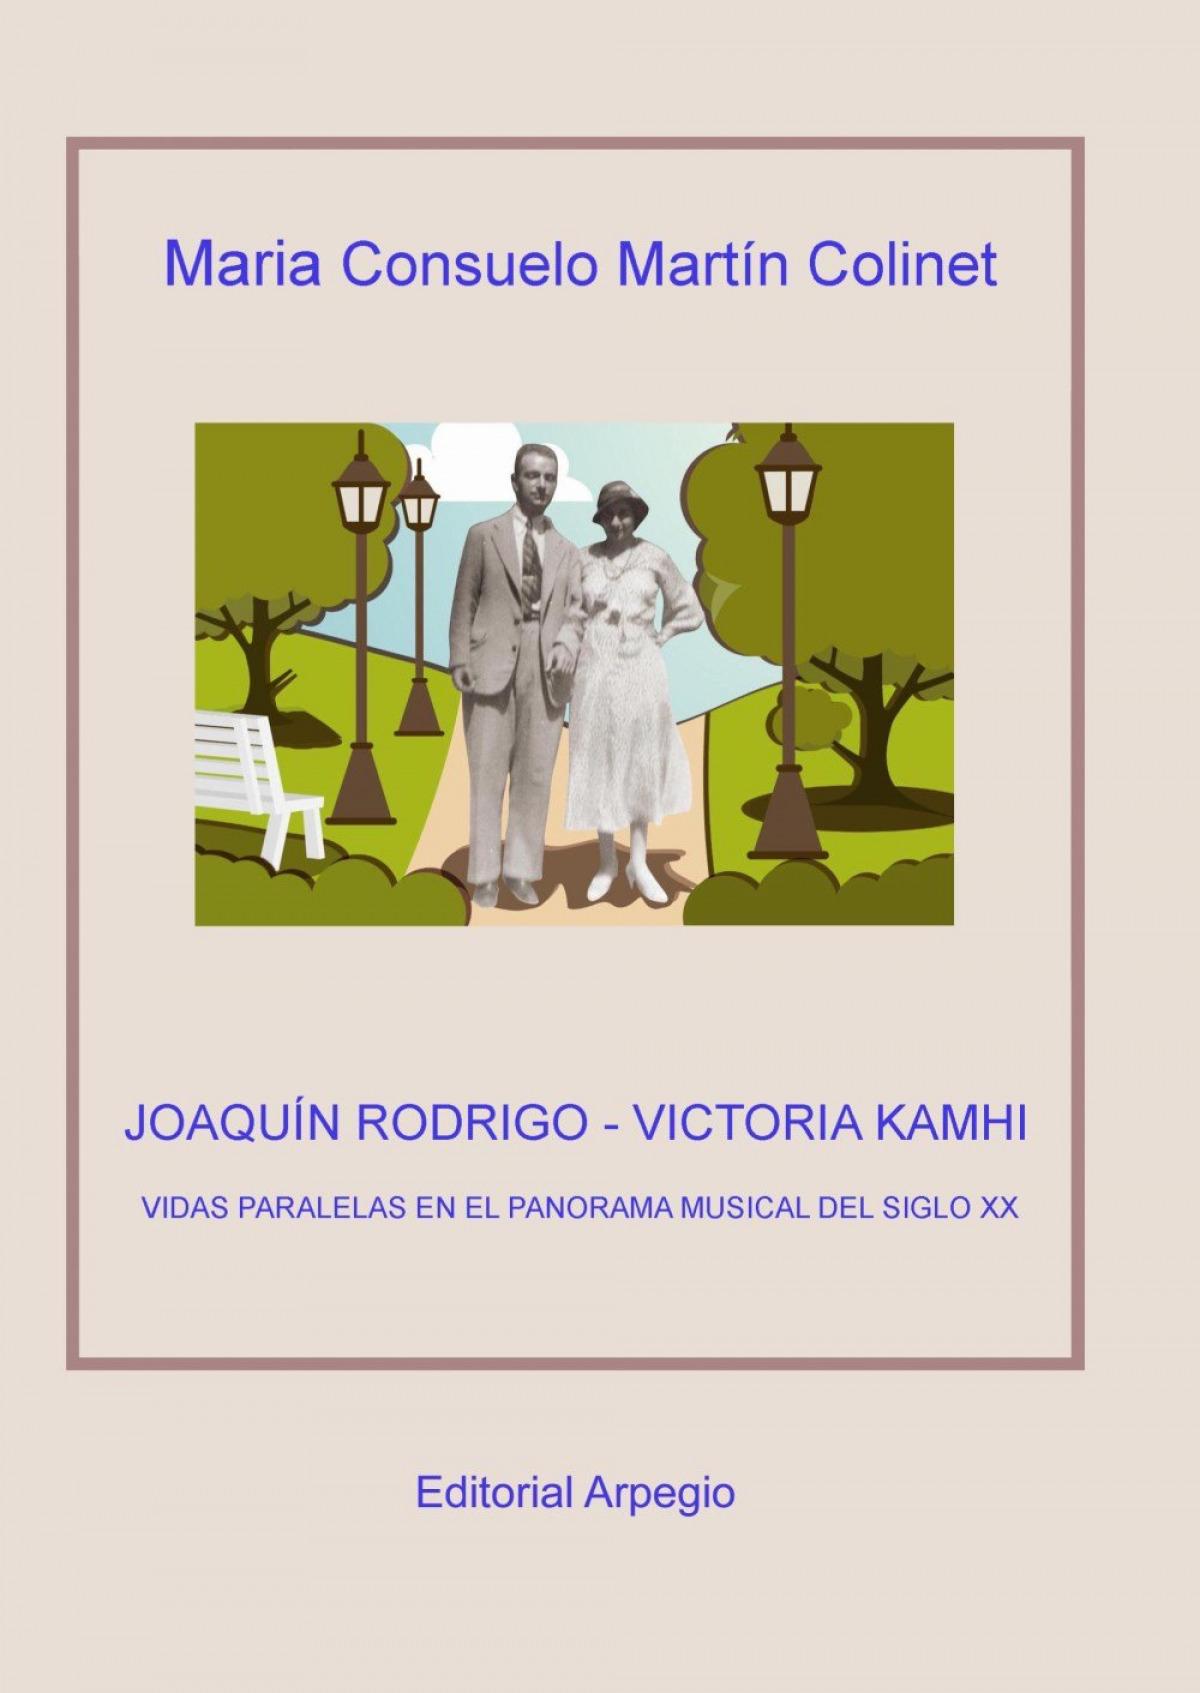 Joaquín Rodrigo - Victoria Kamhi